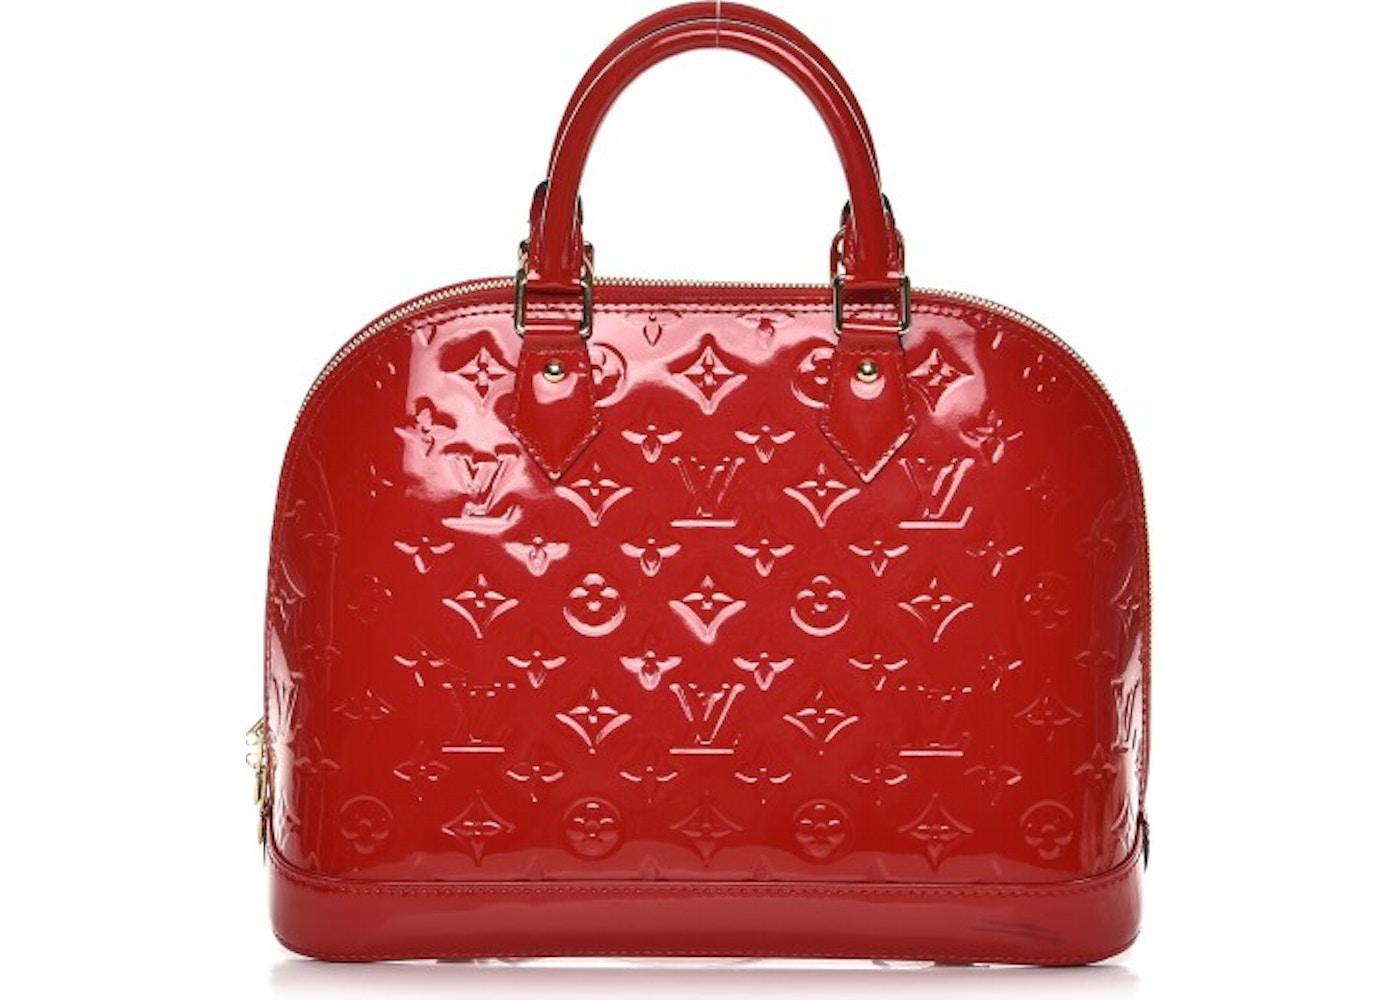 38cad32b74 Louis Vuitton Tote Alma Monogram Vernis PM Cerise Cherry. Monogram Vernis PM  Cerise Cherry